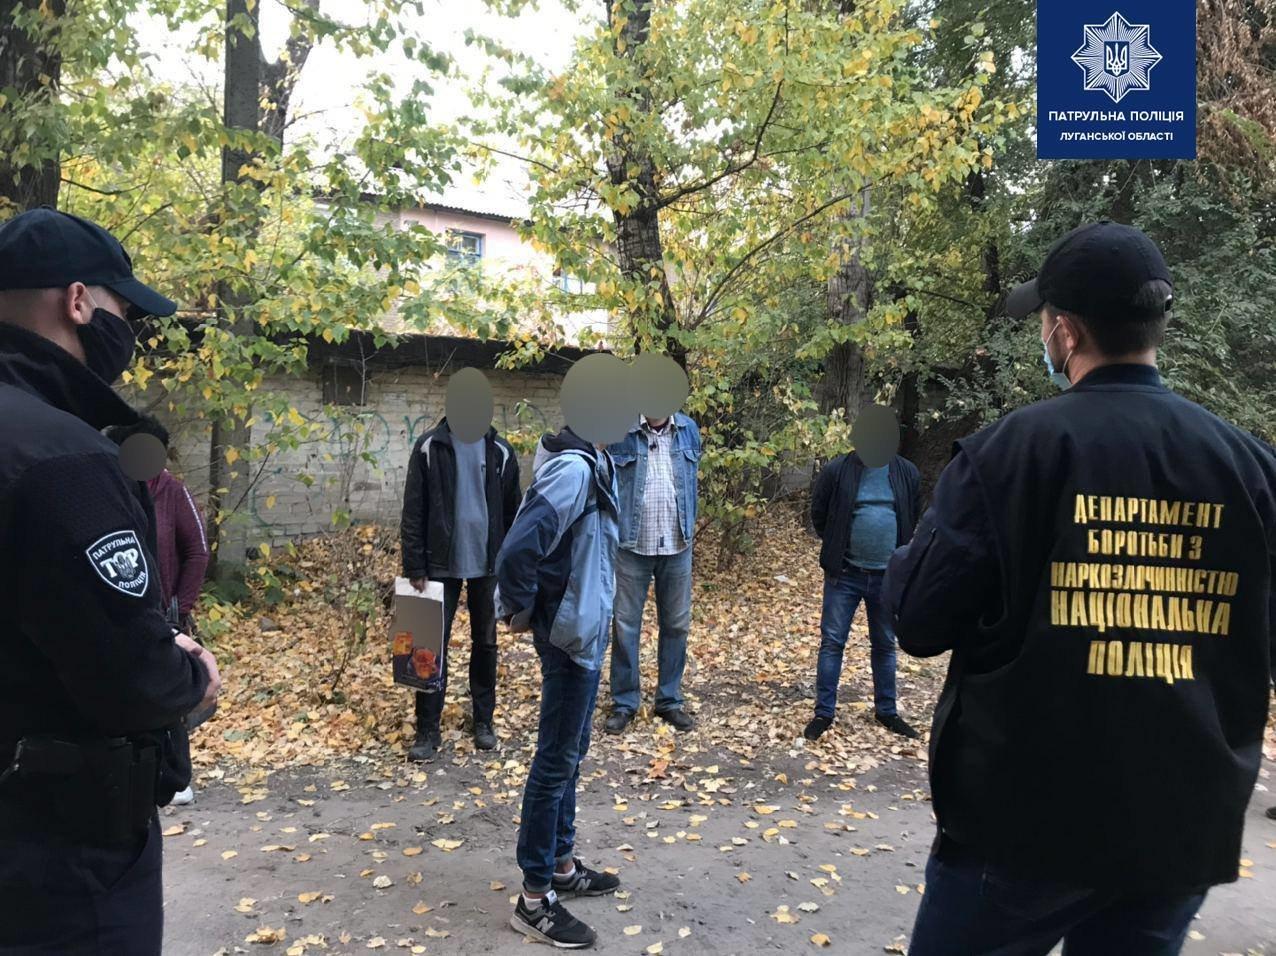 16-летний северодончанин попался на закладке наркотиков , фото-1